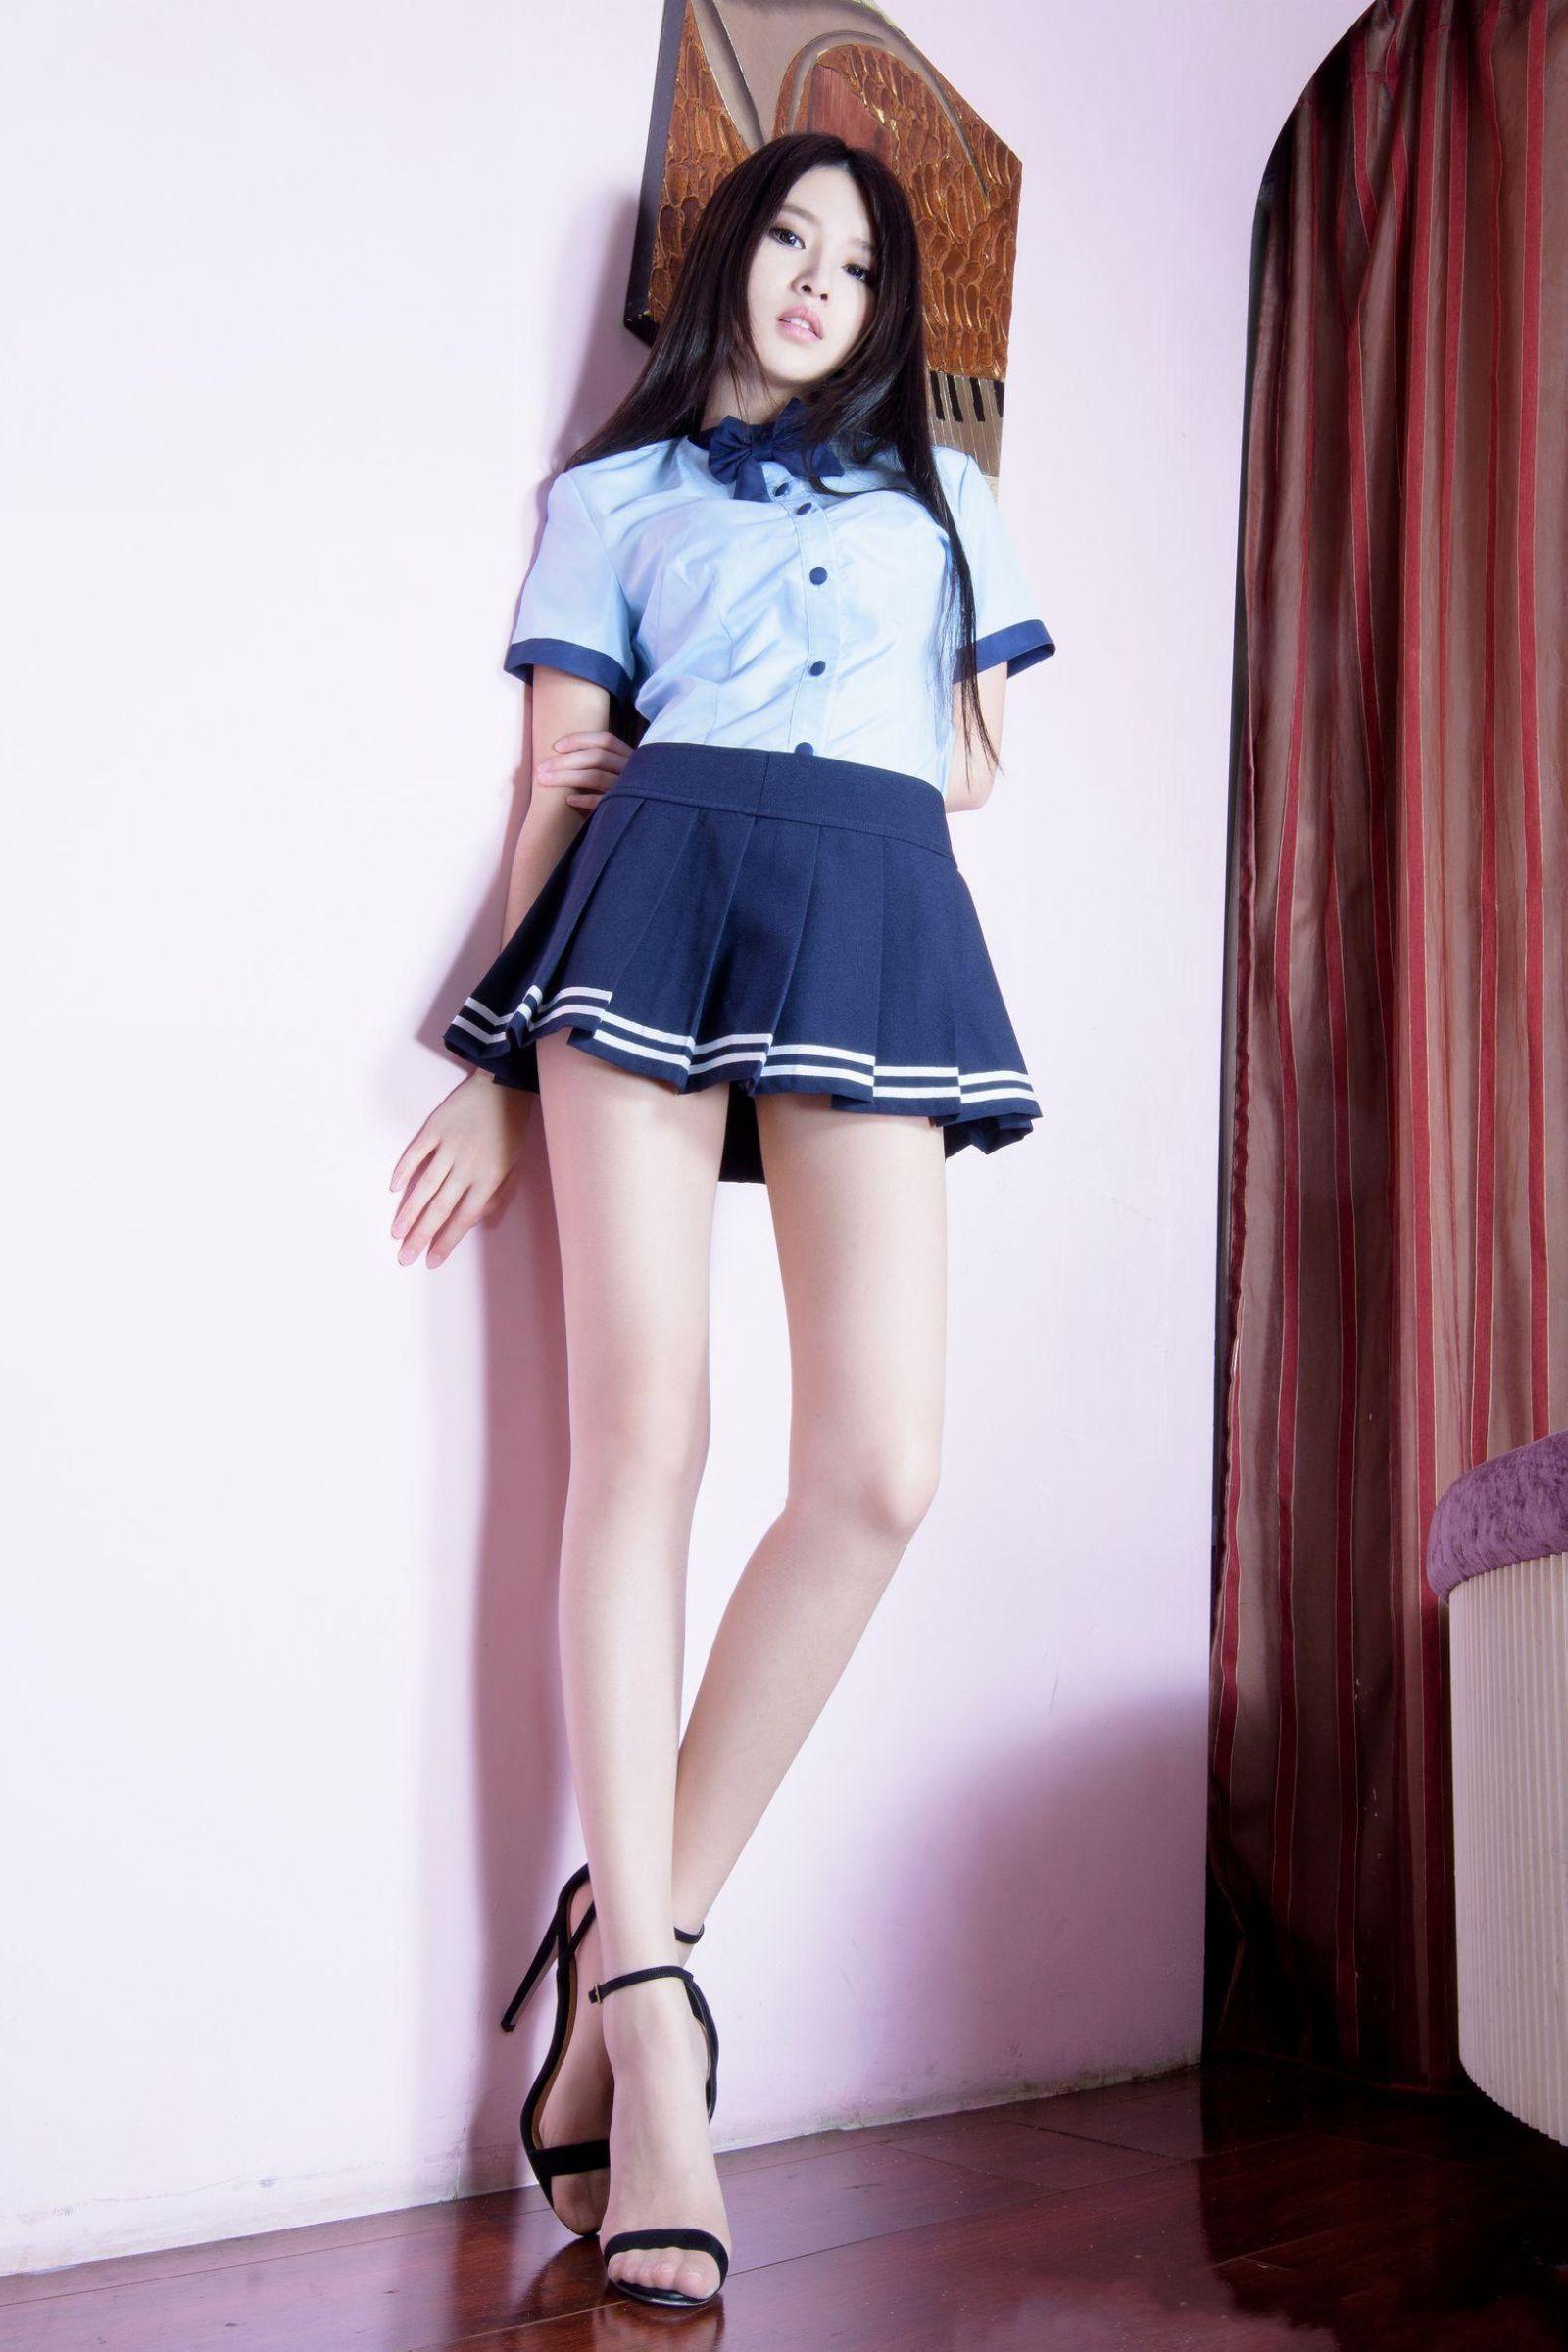 美腿秀 Aries2 - ゞ☆風月俏佳人 - 風月俏佳人